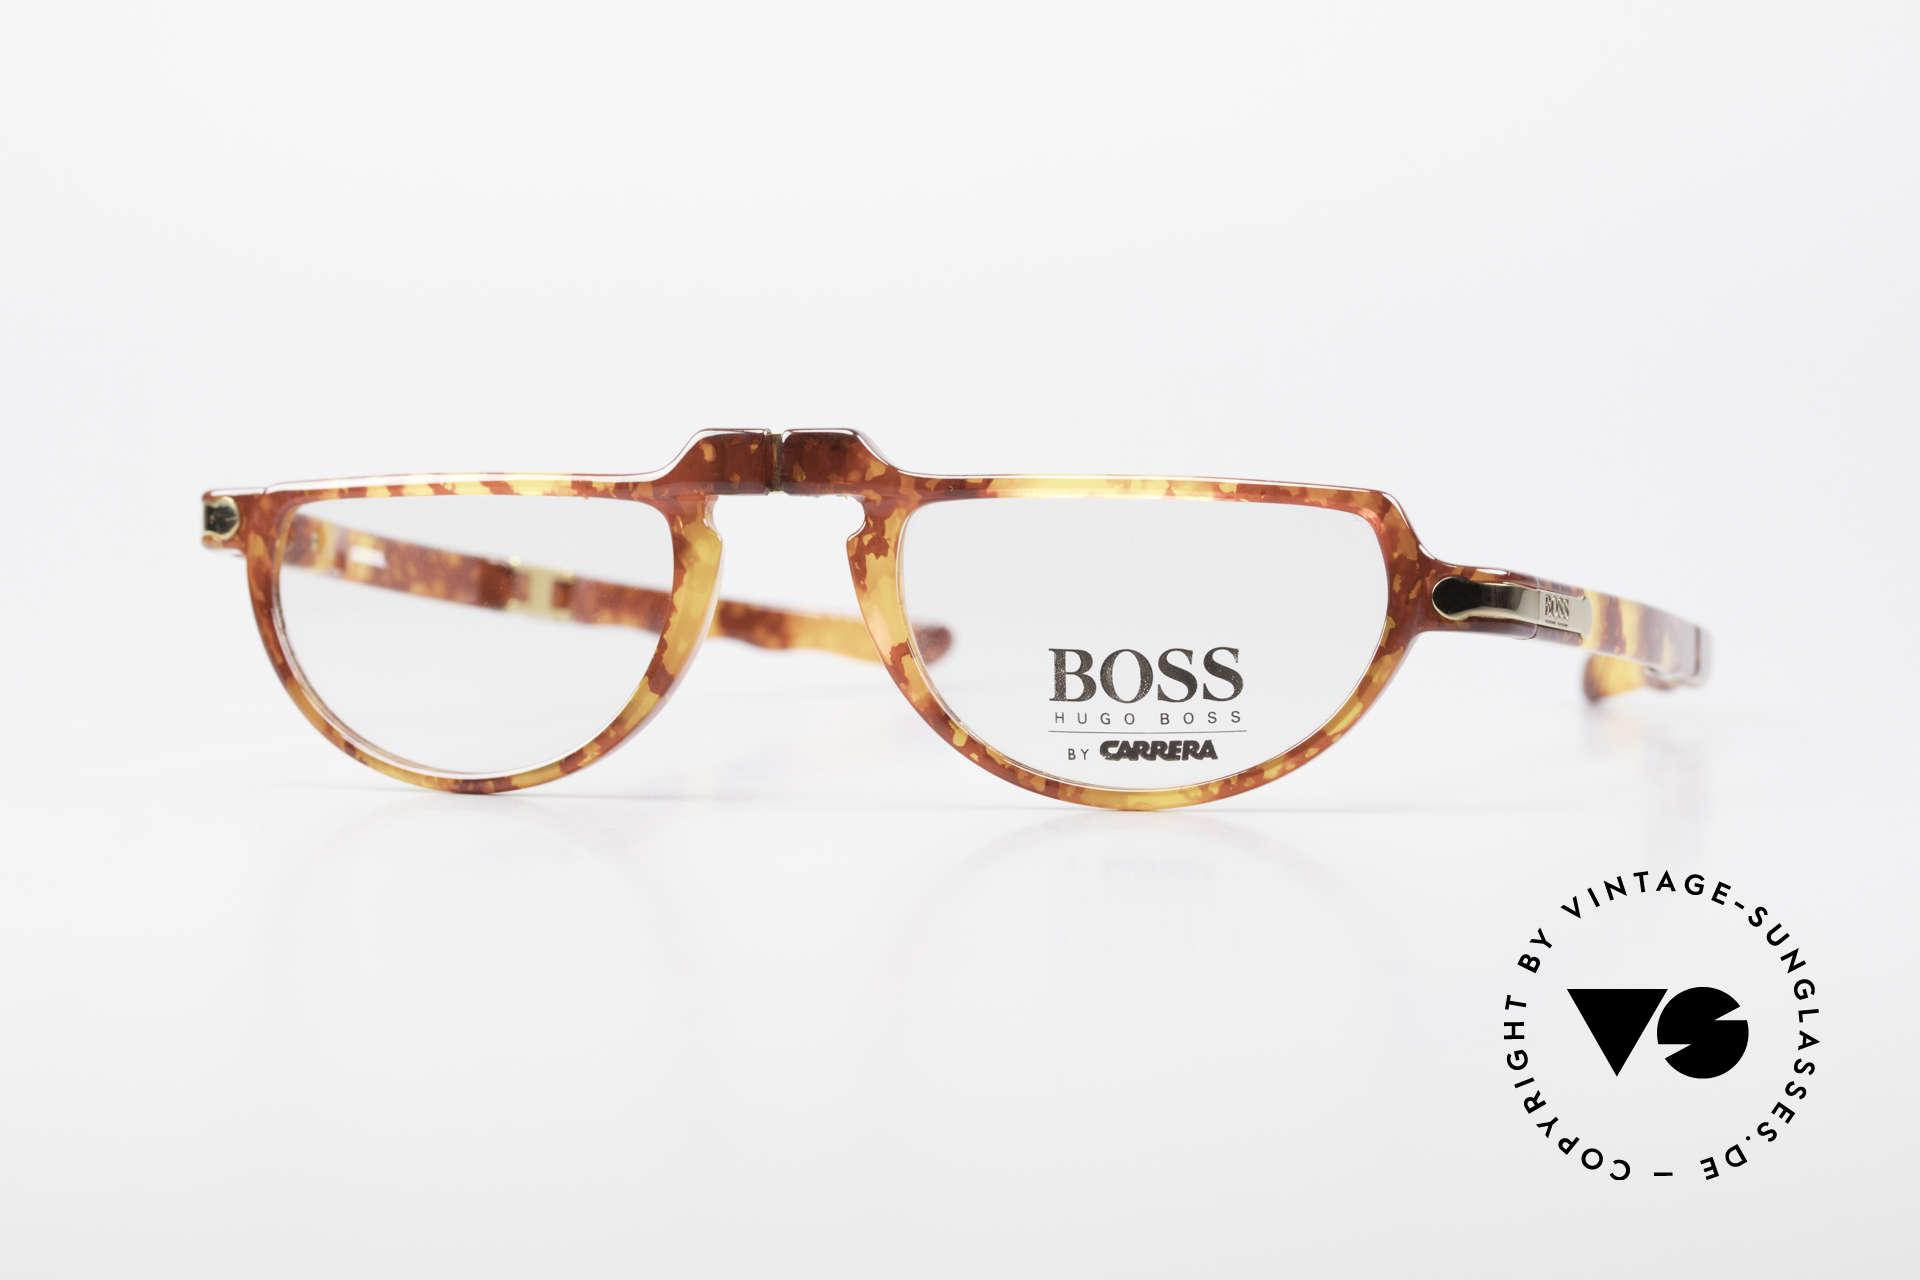 BOSS 5103 90's Folding Reading Glasses, brilliant BOSS vintage folding eyeglasses from 1993, Made for Men and Women